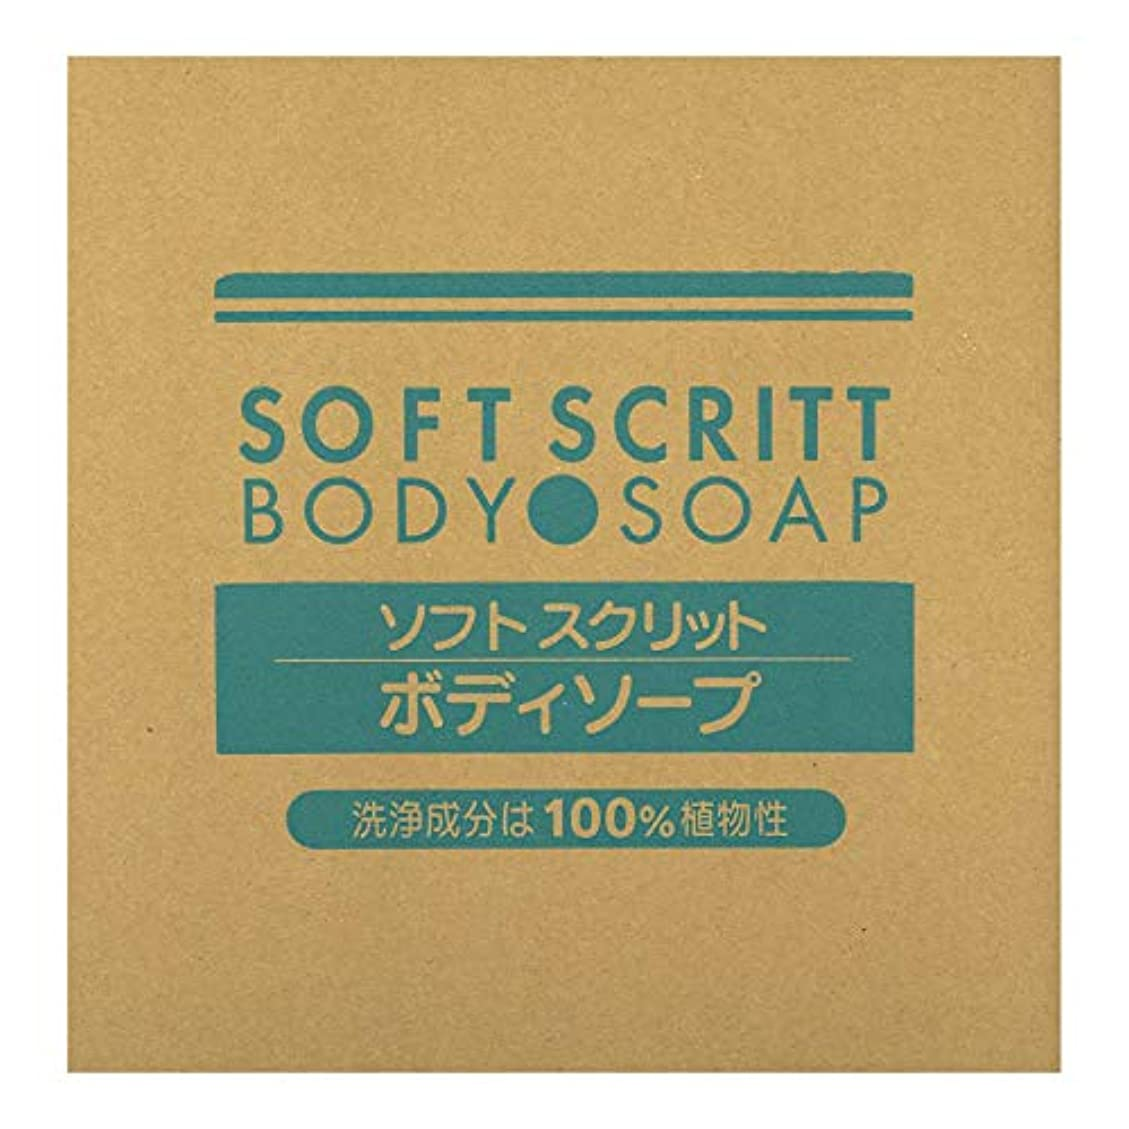 柔らかさ素晴らしいですアサー熊野油脂 業務用 SOFT SCRITT(ソフト スクリット) ボディソープ 18L